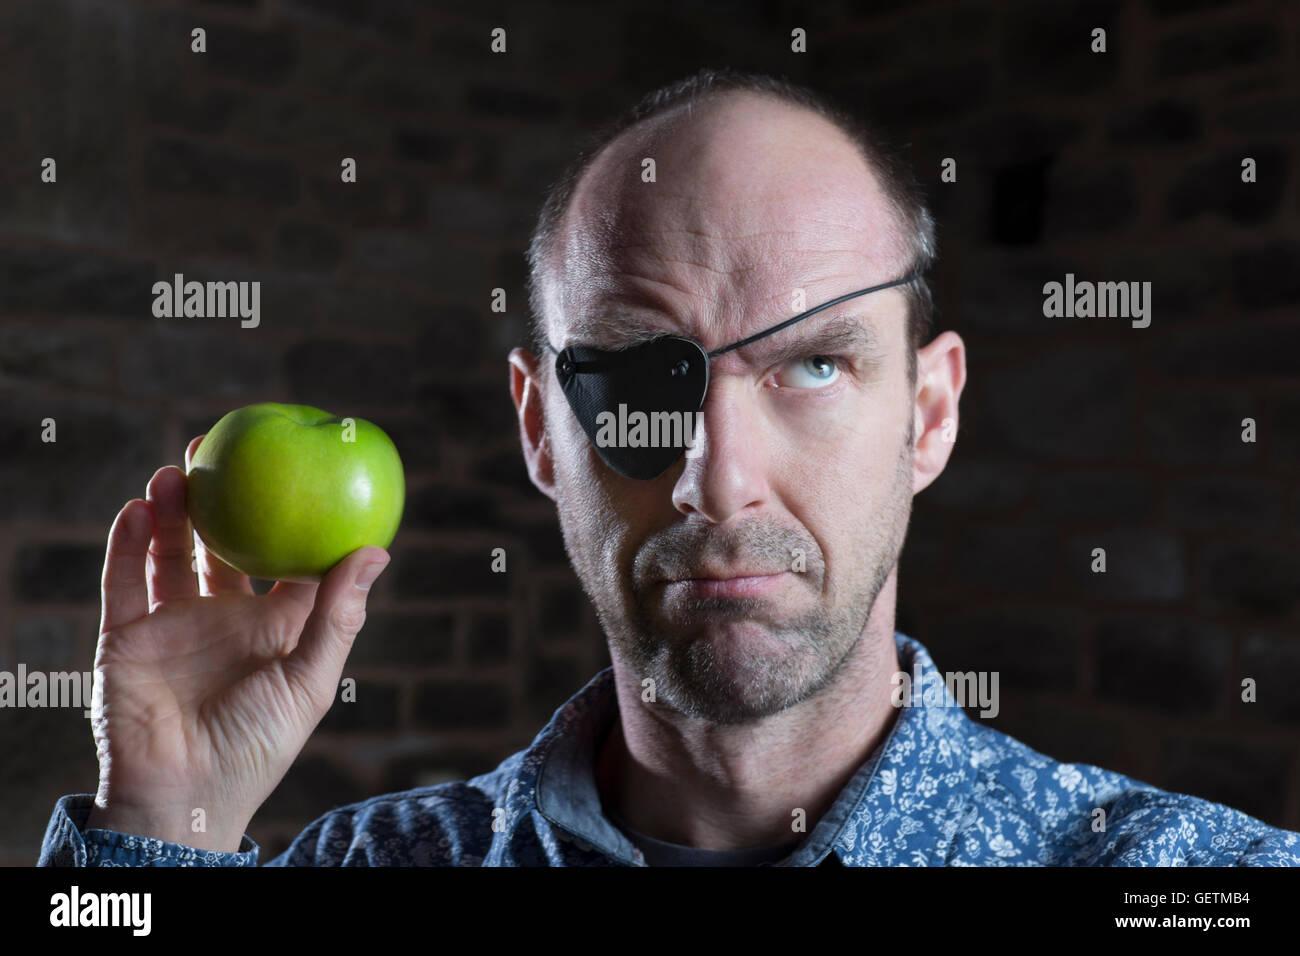 Apple patch occhio confusione. Immagini Stock